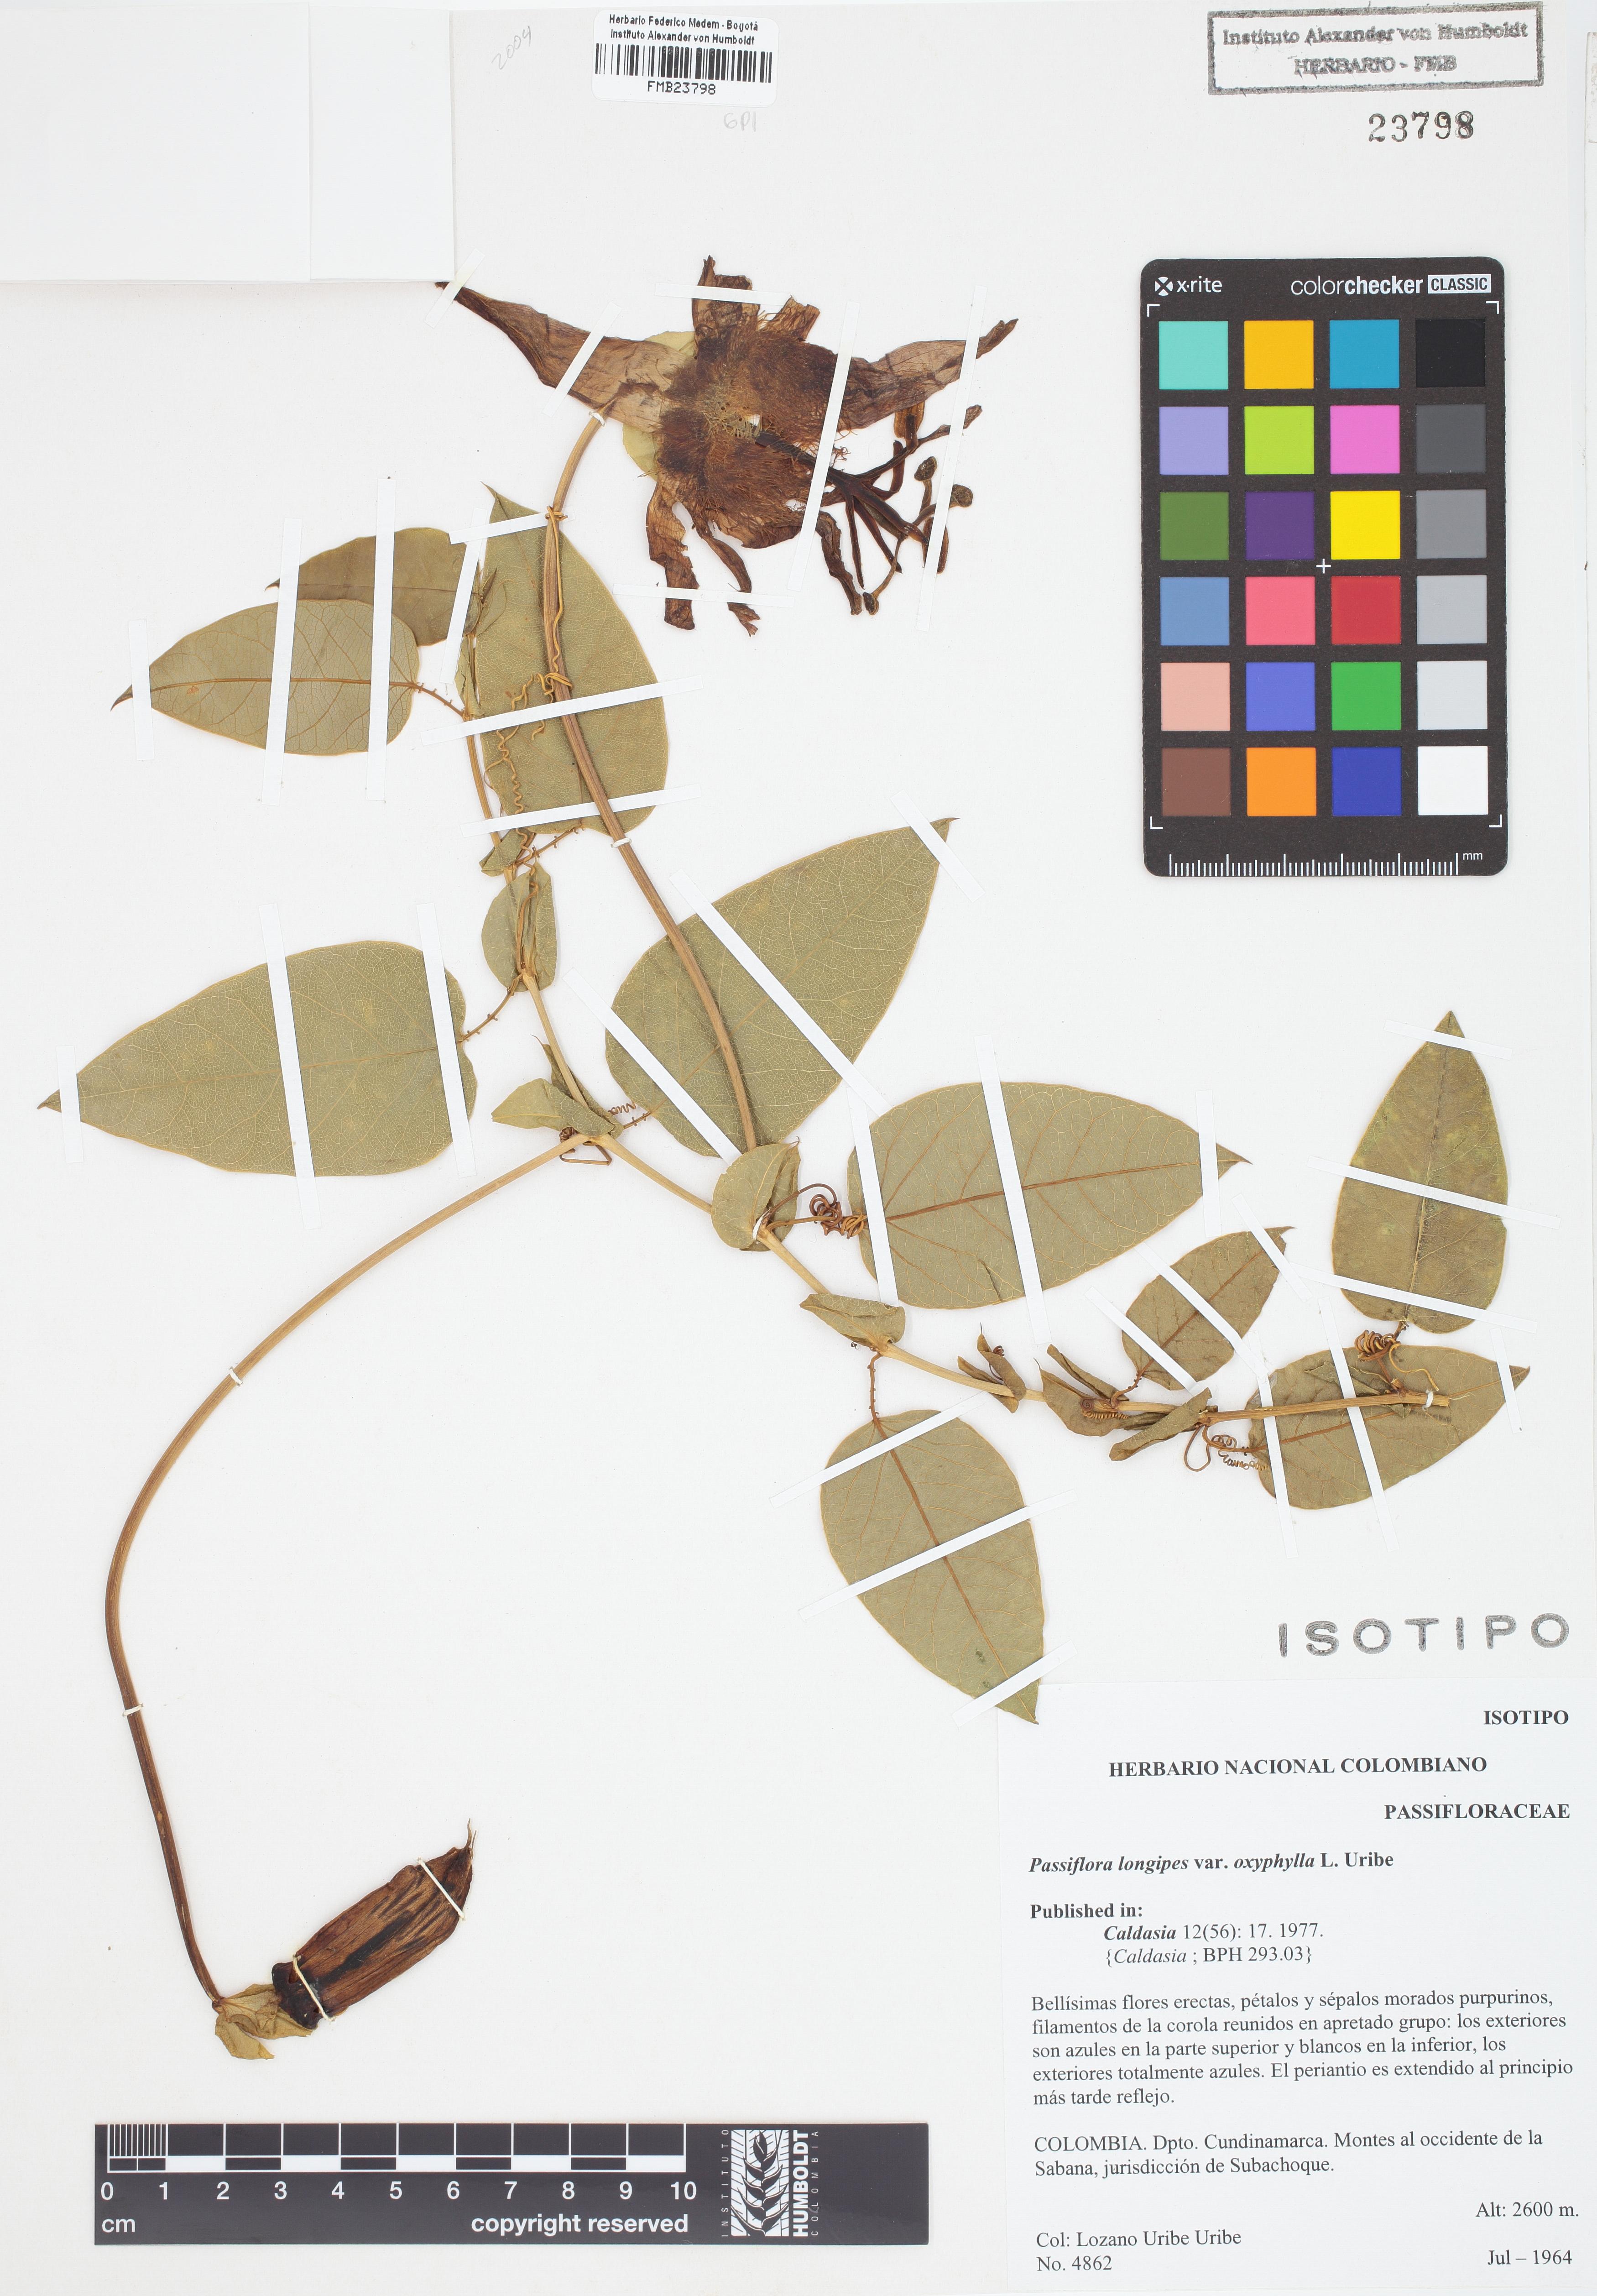 Isotipo de <em>Passiflora longipes</em> var. <em>oxyphylla</em>, FMB-23798, Fotografía por Robles A.